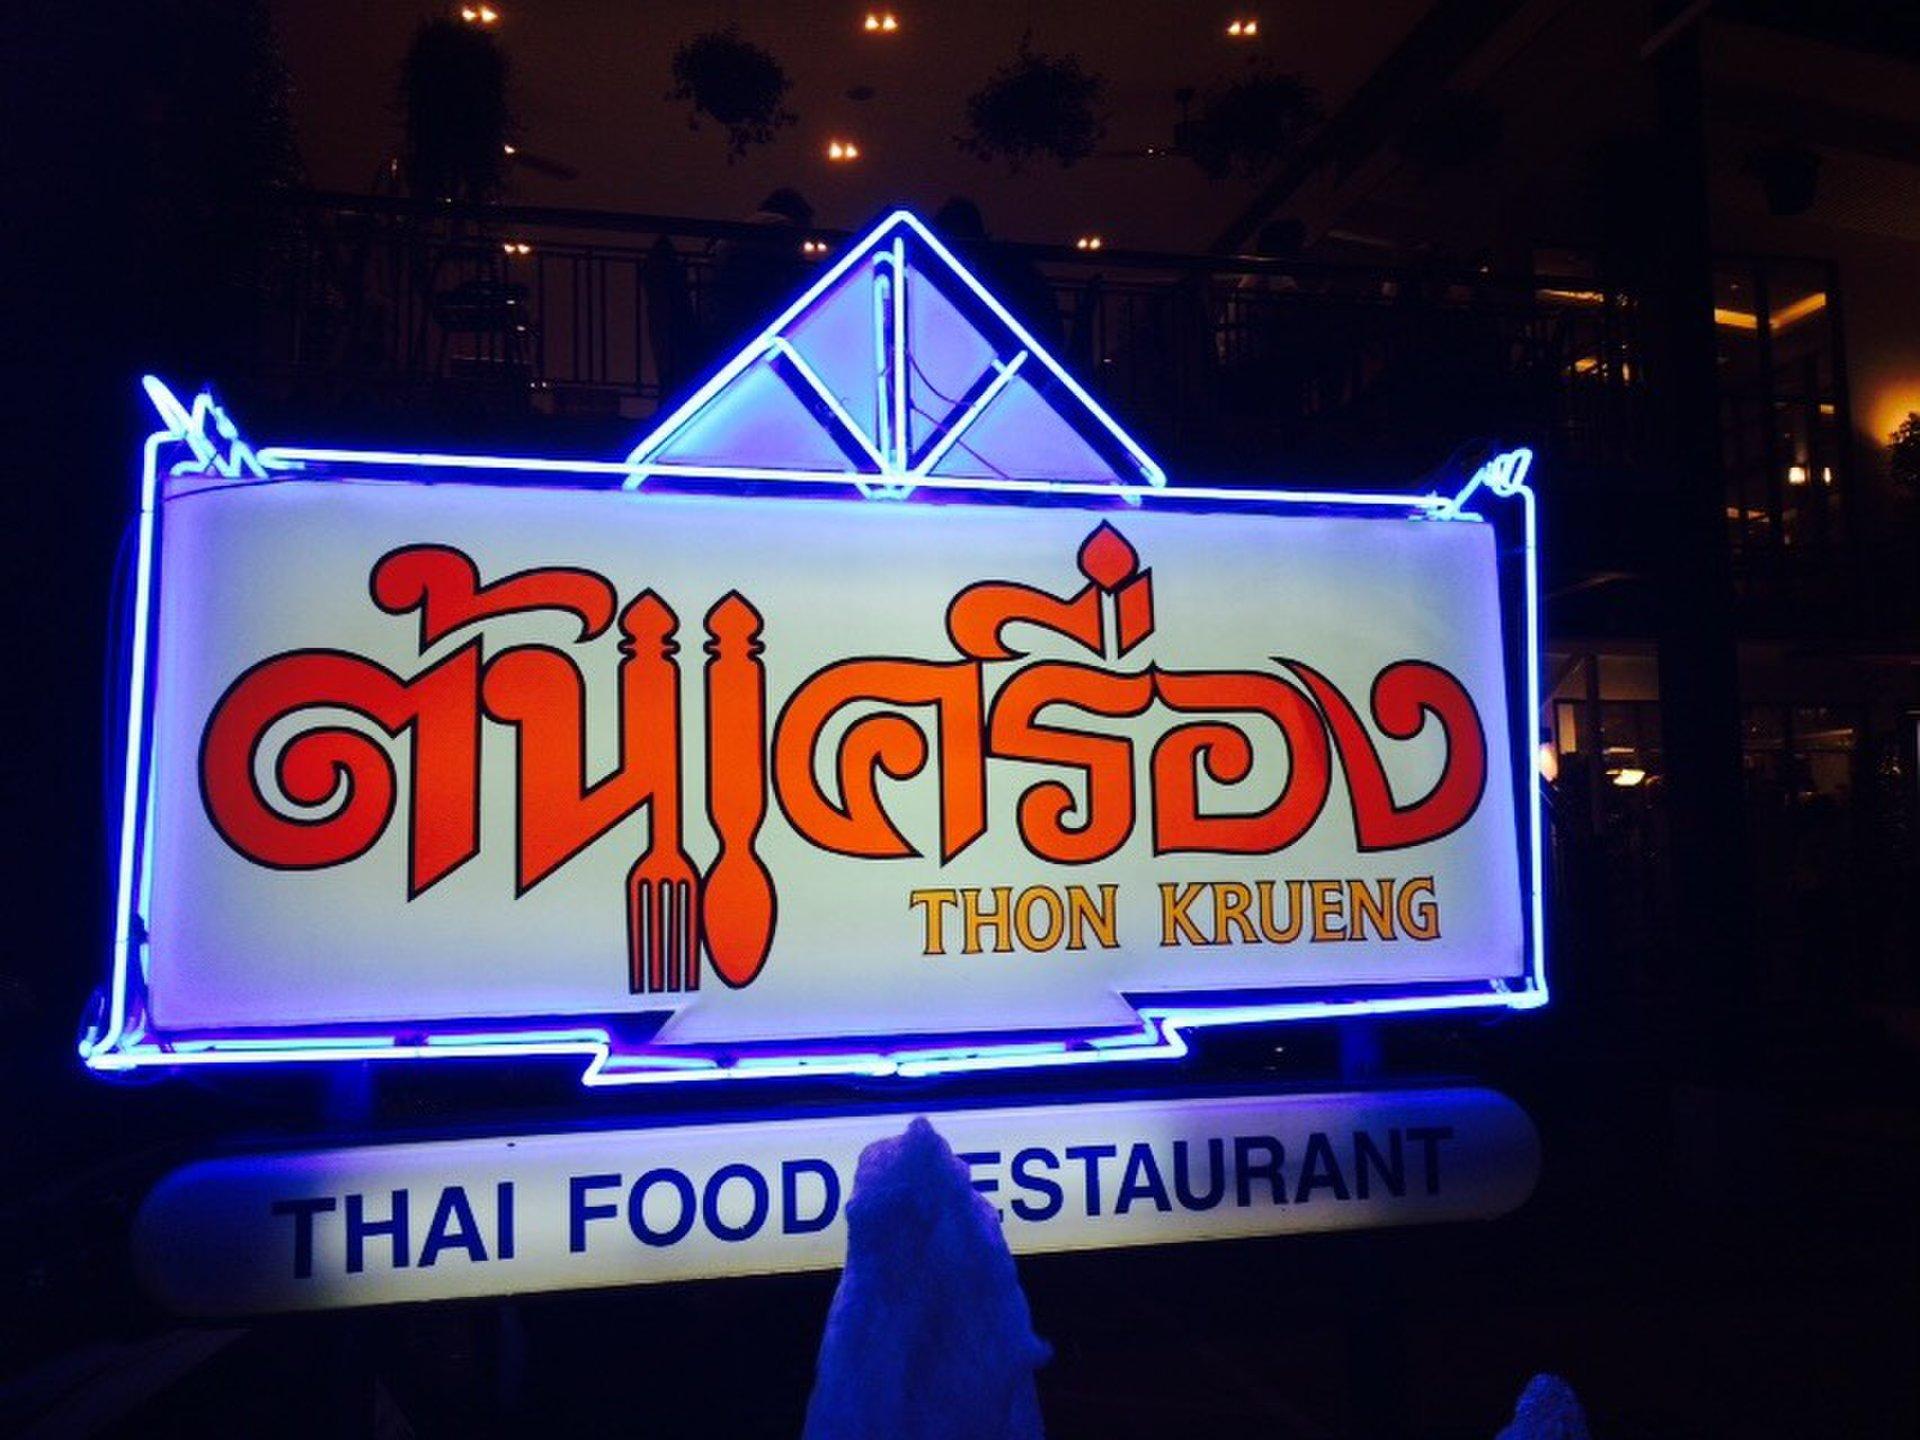 バンコク在住者が通う!美味しいタイ料理が食べれるレストラン「トンクルアン」♡